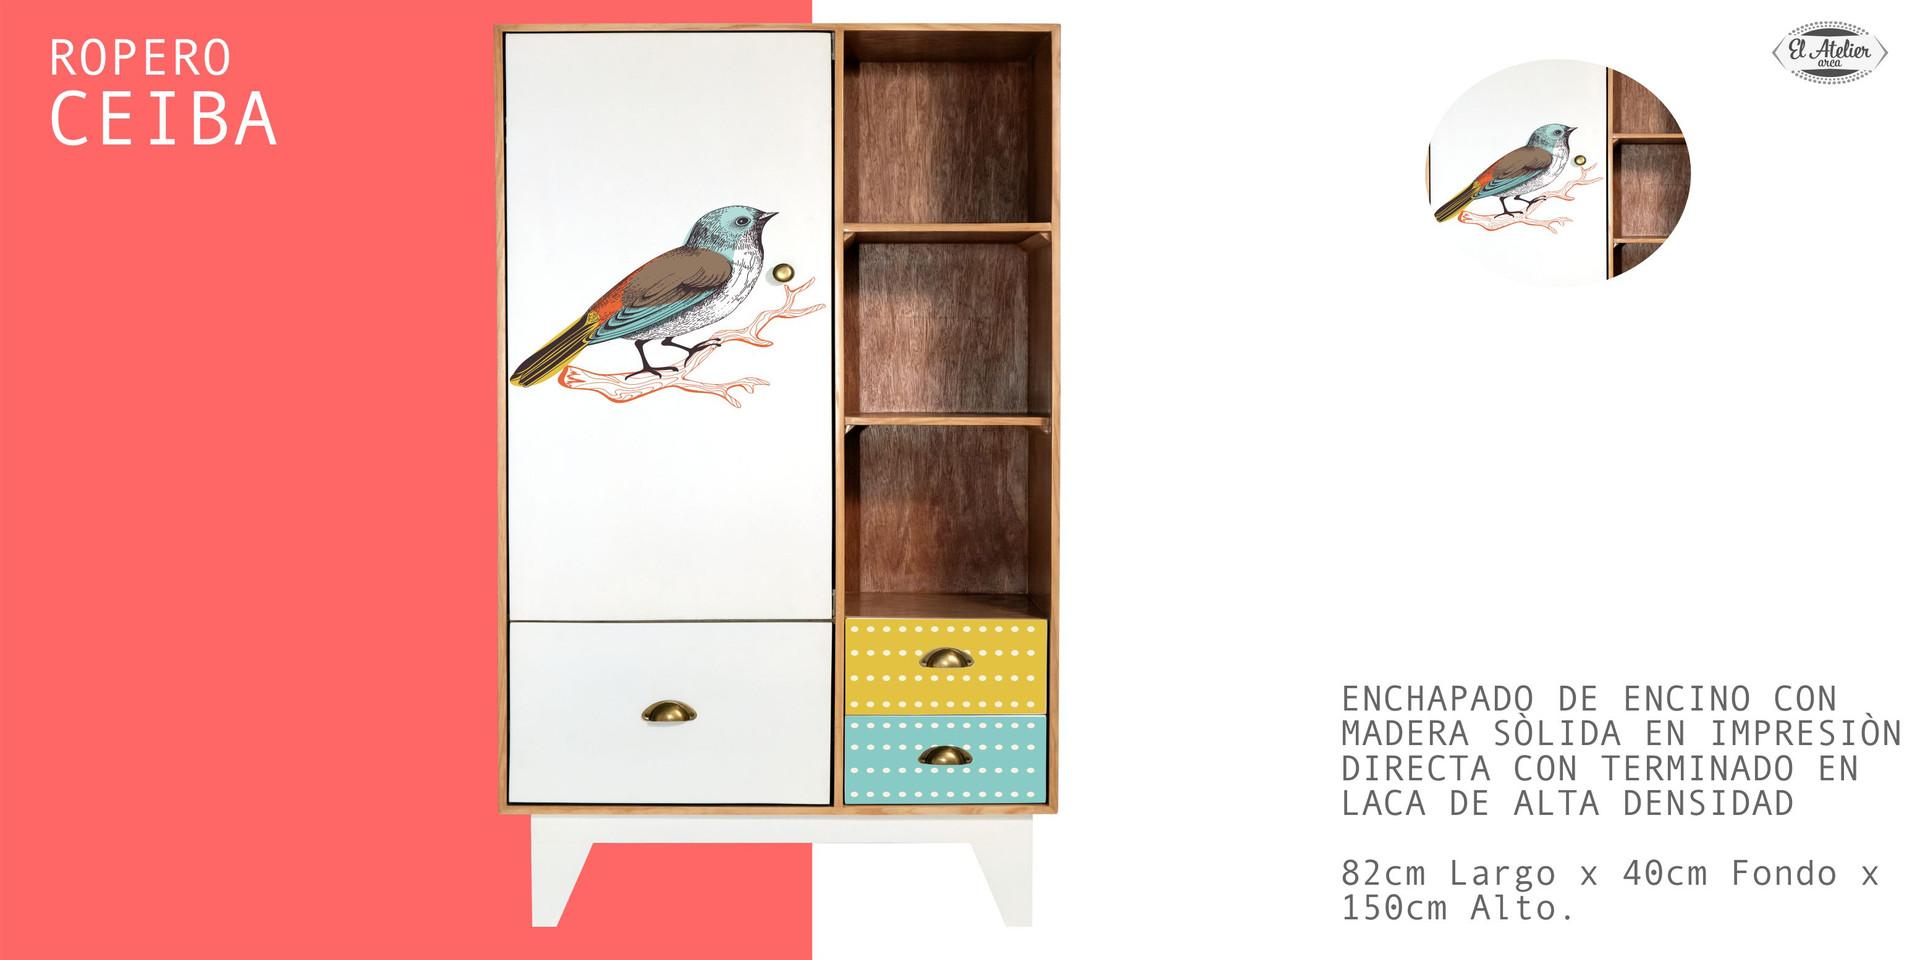 Ropero Ceiba Pájaro